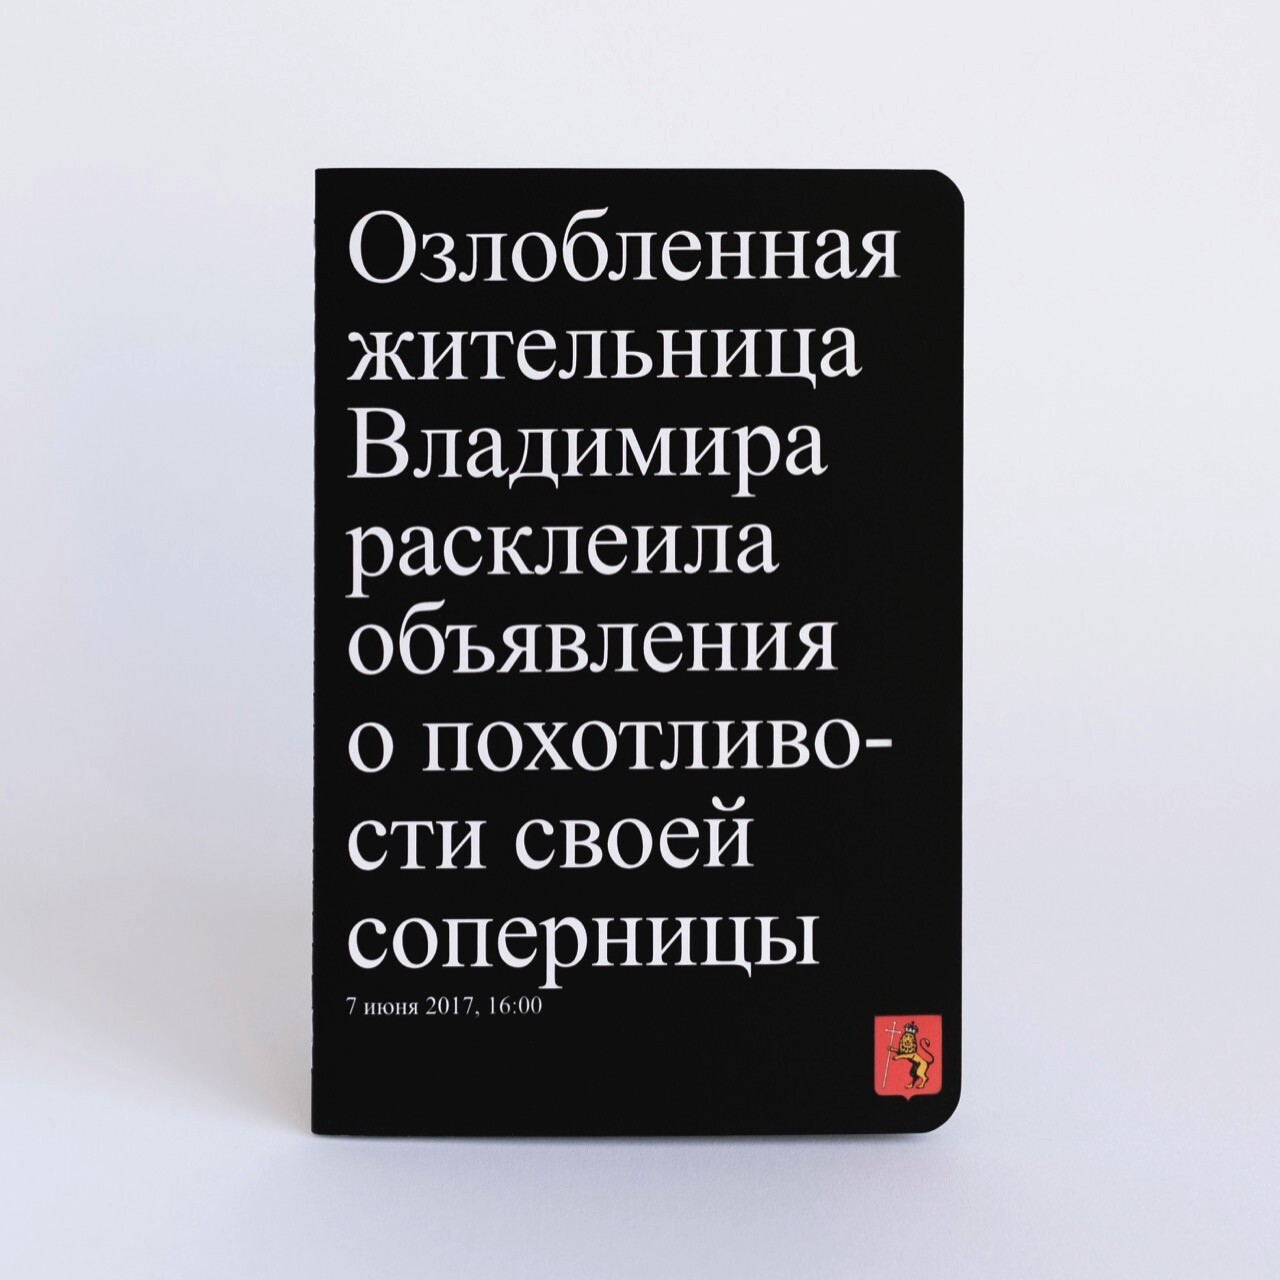 Озлобленная жительница Владимира